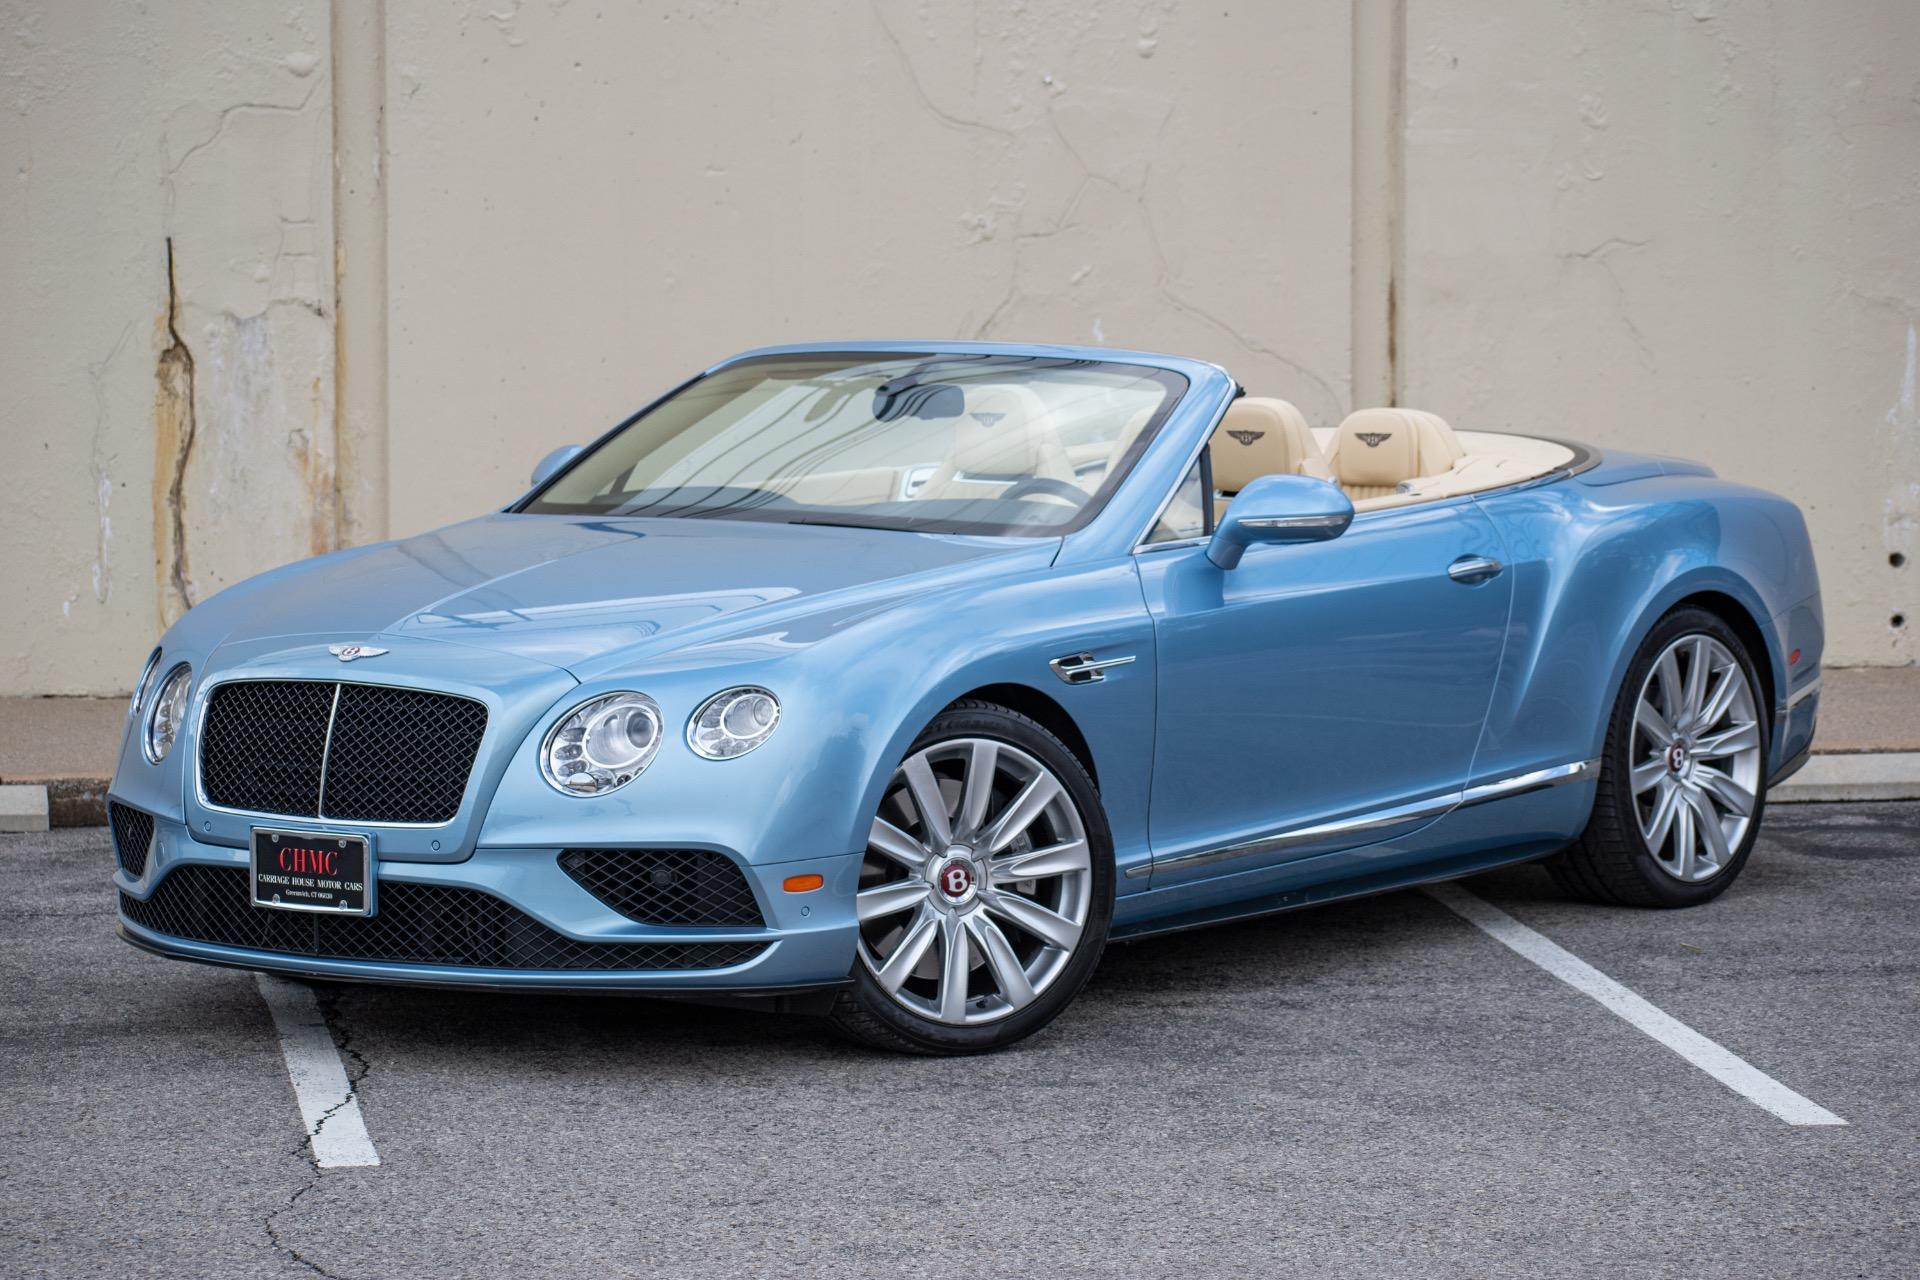 2017 Bentley Continental GTC V8S